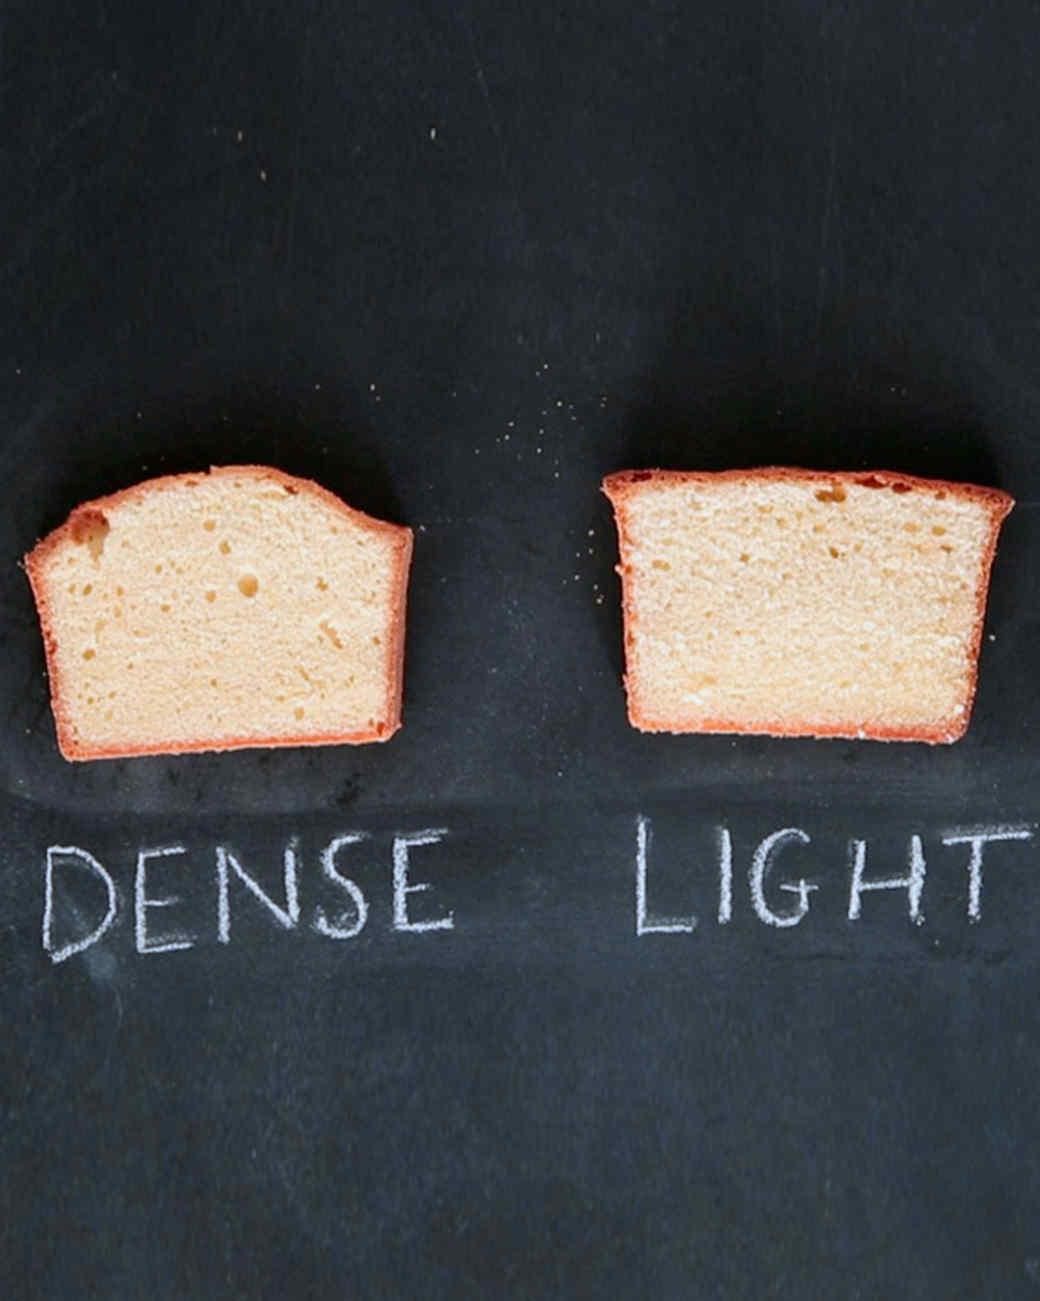 pound-cake-science-kitchen-conundrums-kc0086-0505.jpg